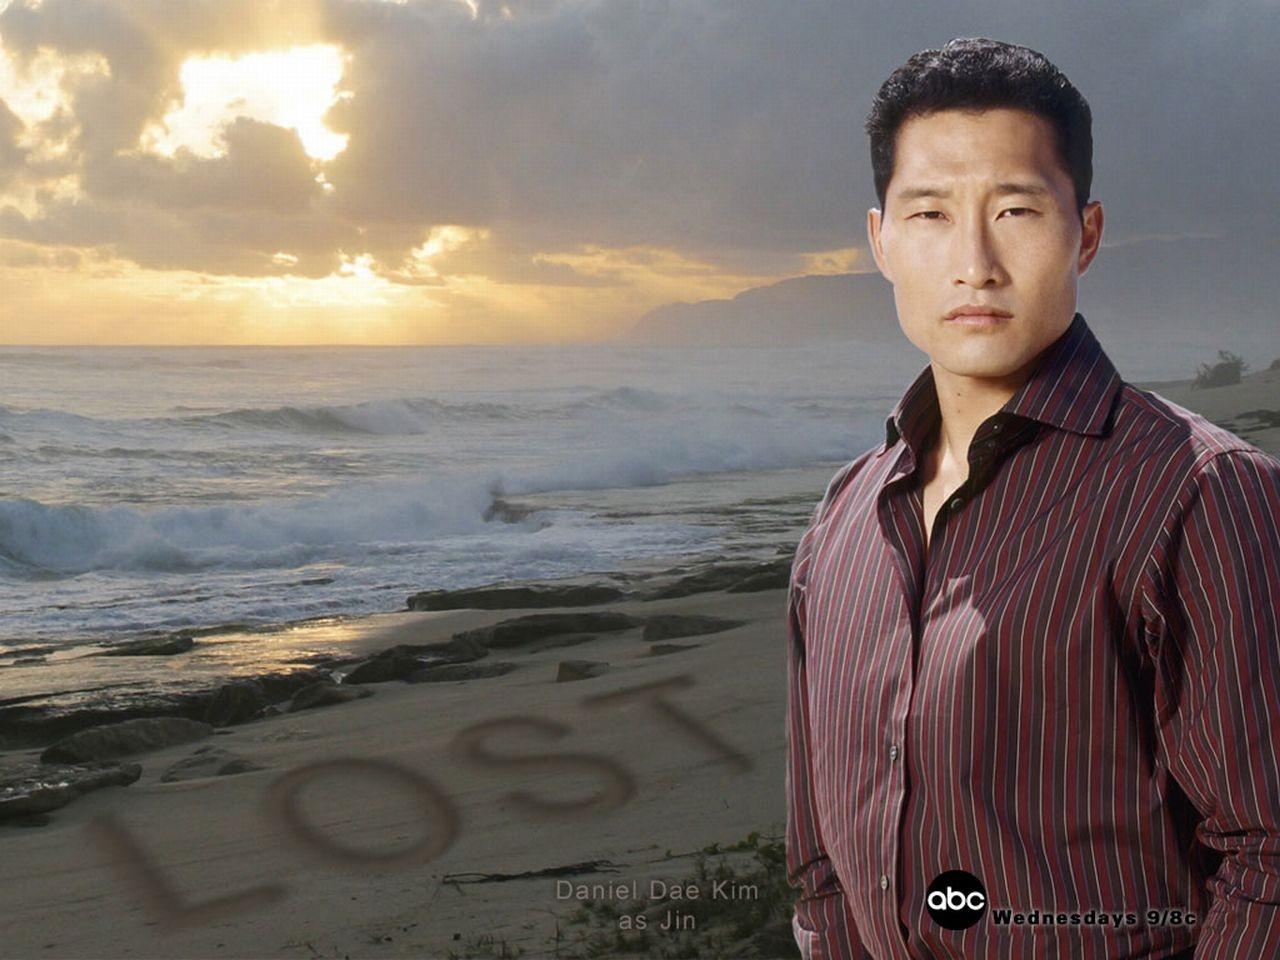 Wallpaper della serie Lost con Daniel Dae Kim